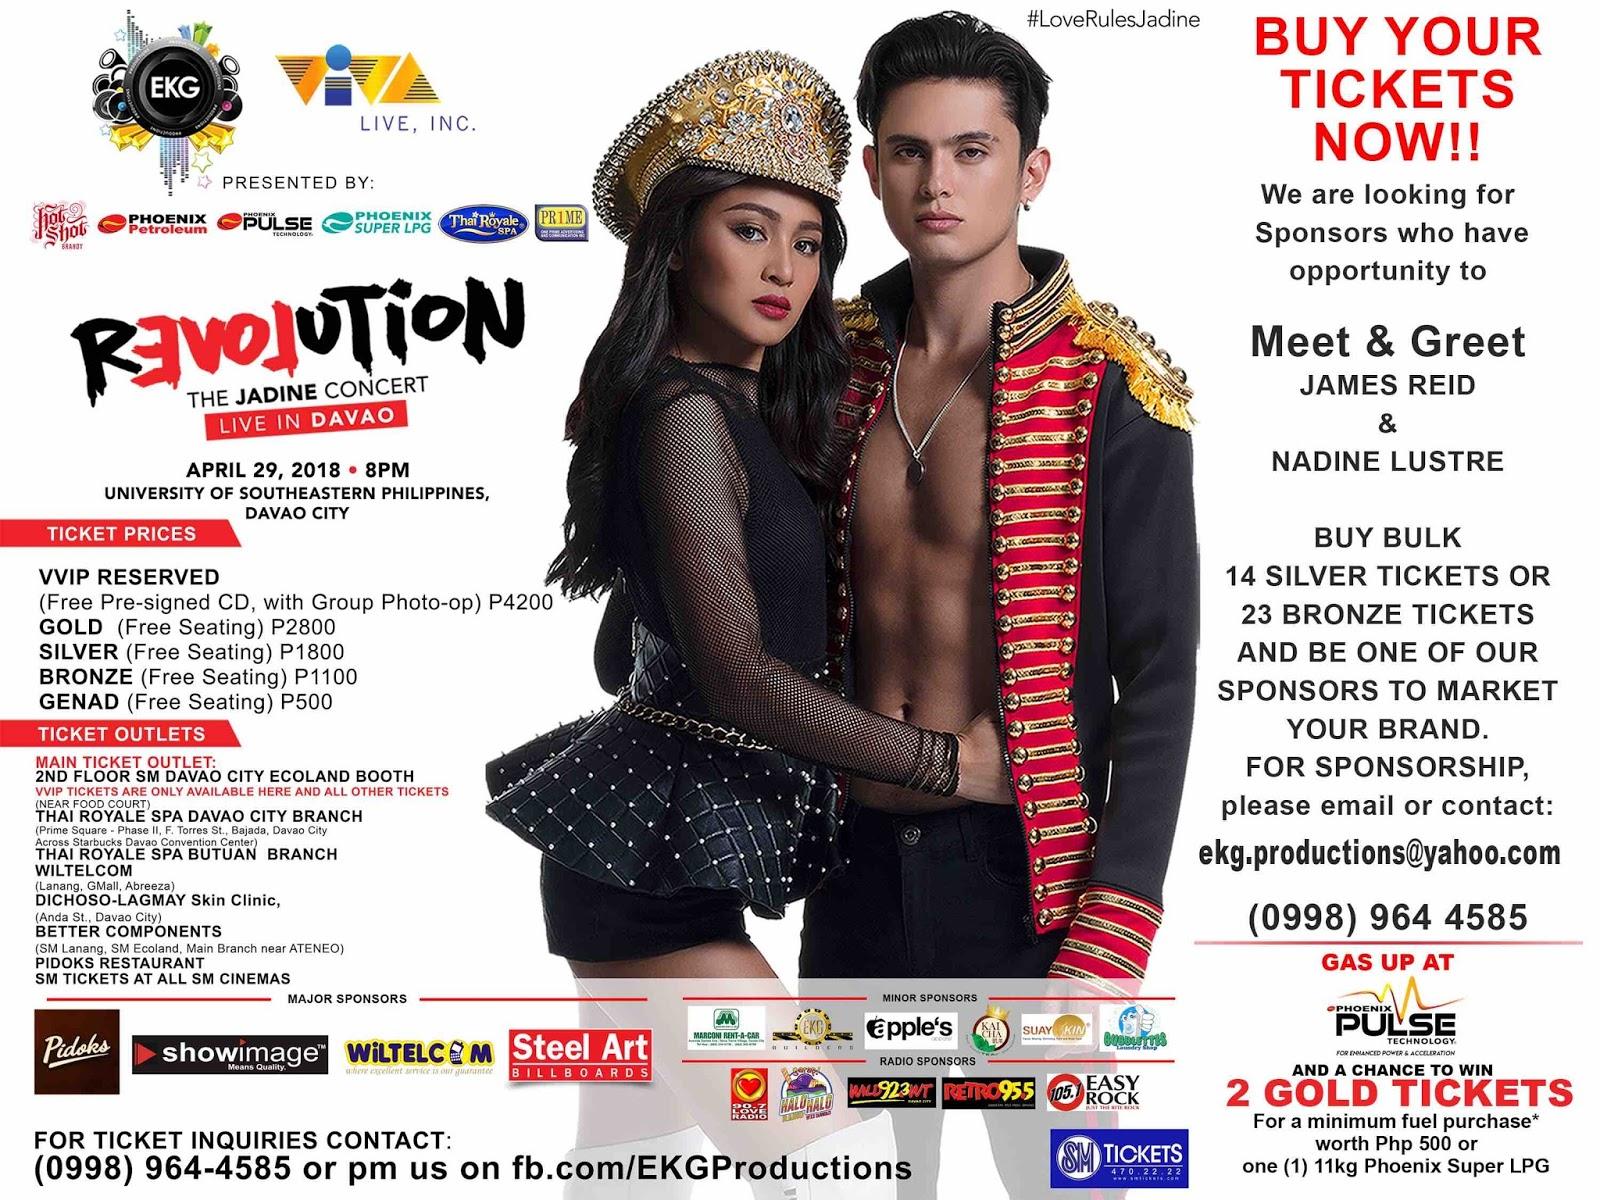 Jadine Revolution Concert in Davao